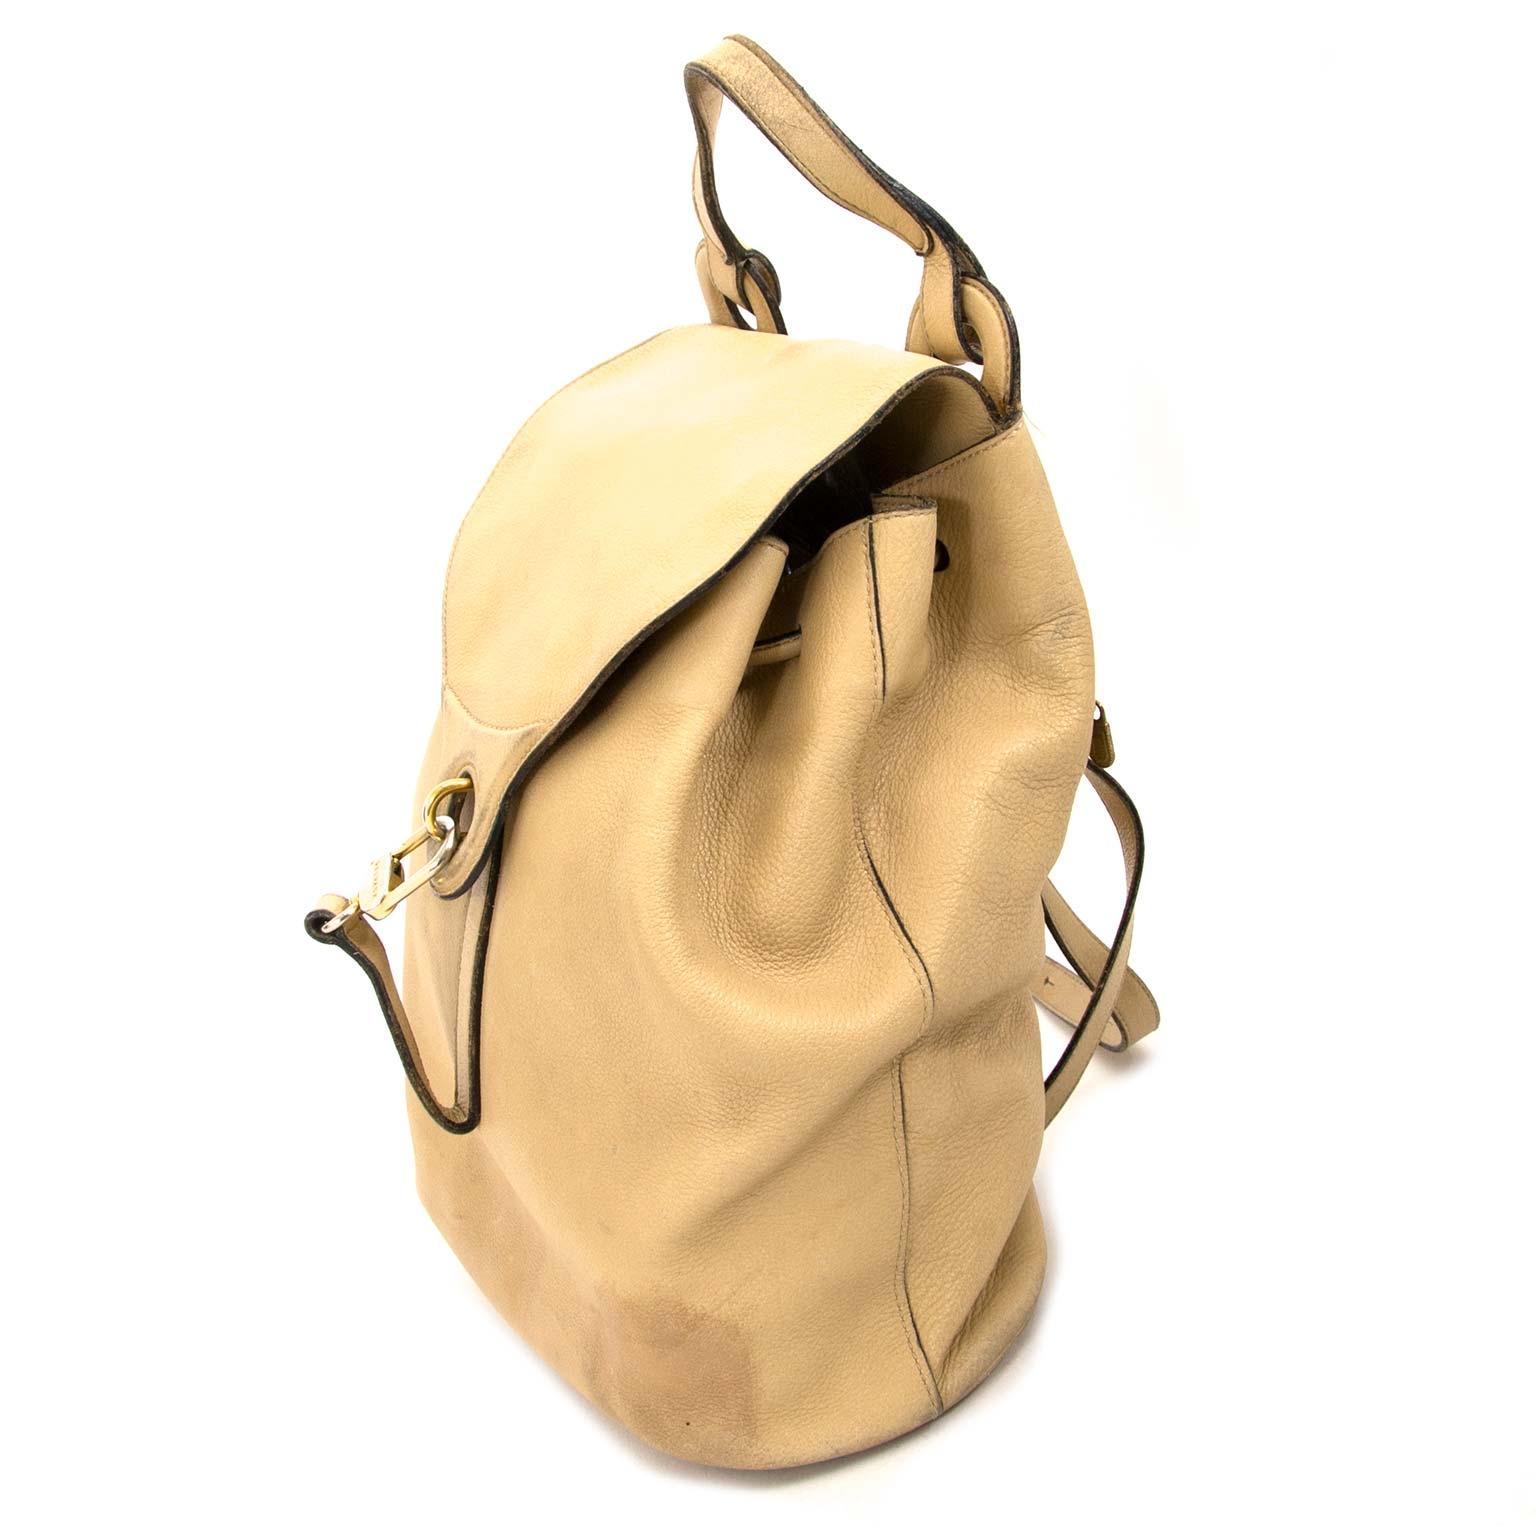 achetez Delvaux Beige Cerceau Backpack chez labellov.com